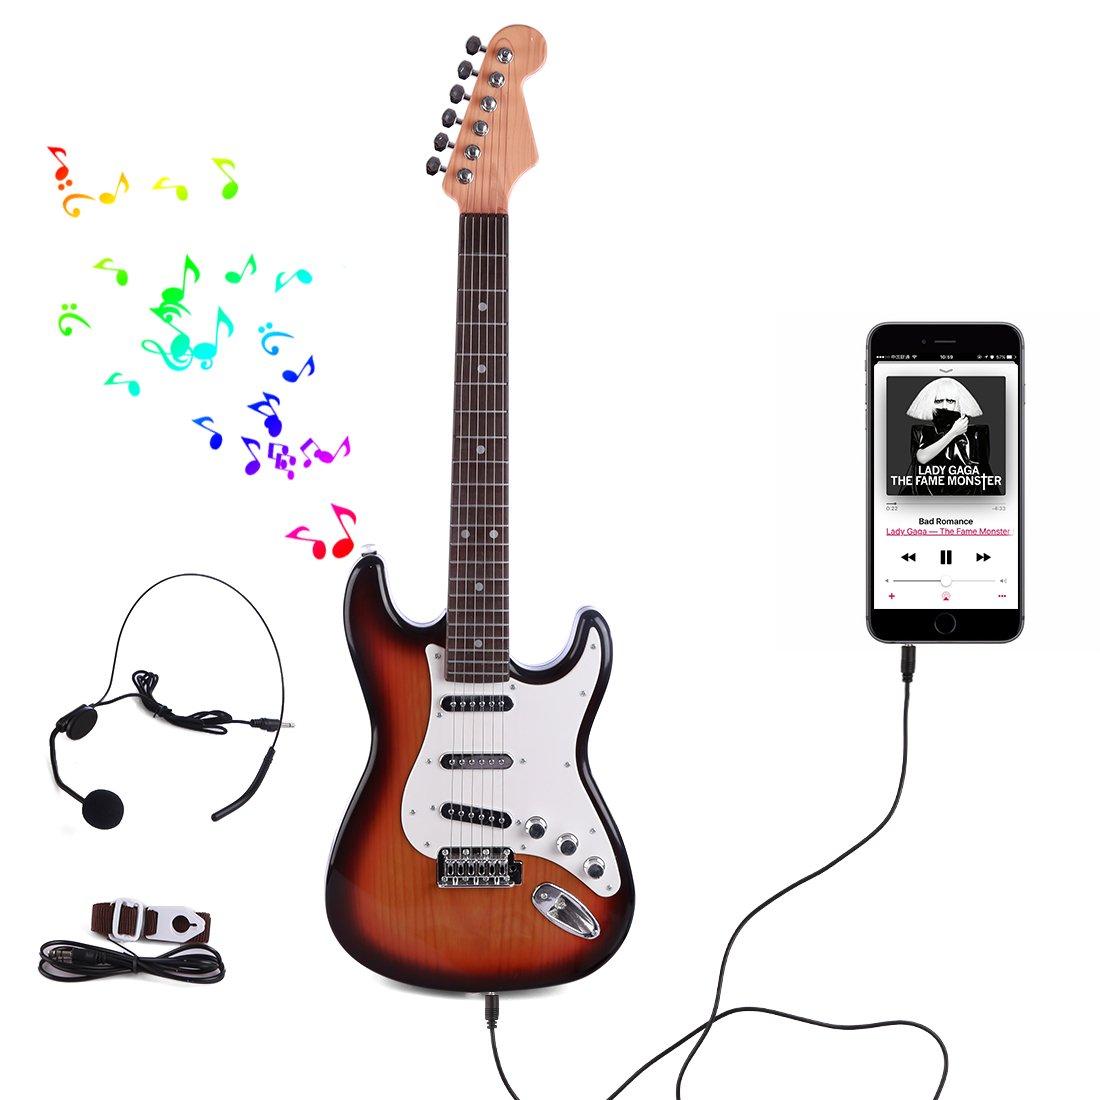 YVSoo Guitarra Eléctrica para Niños, 6 Cuerdas Guitarra Juguete,Guitarra clásica Instrumentos Musicales Educativos Simulación Juguete Regalo: Amazon.es: Juguetes y juegos